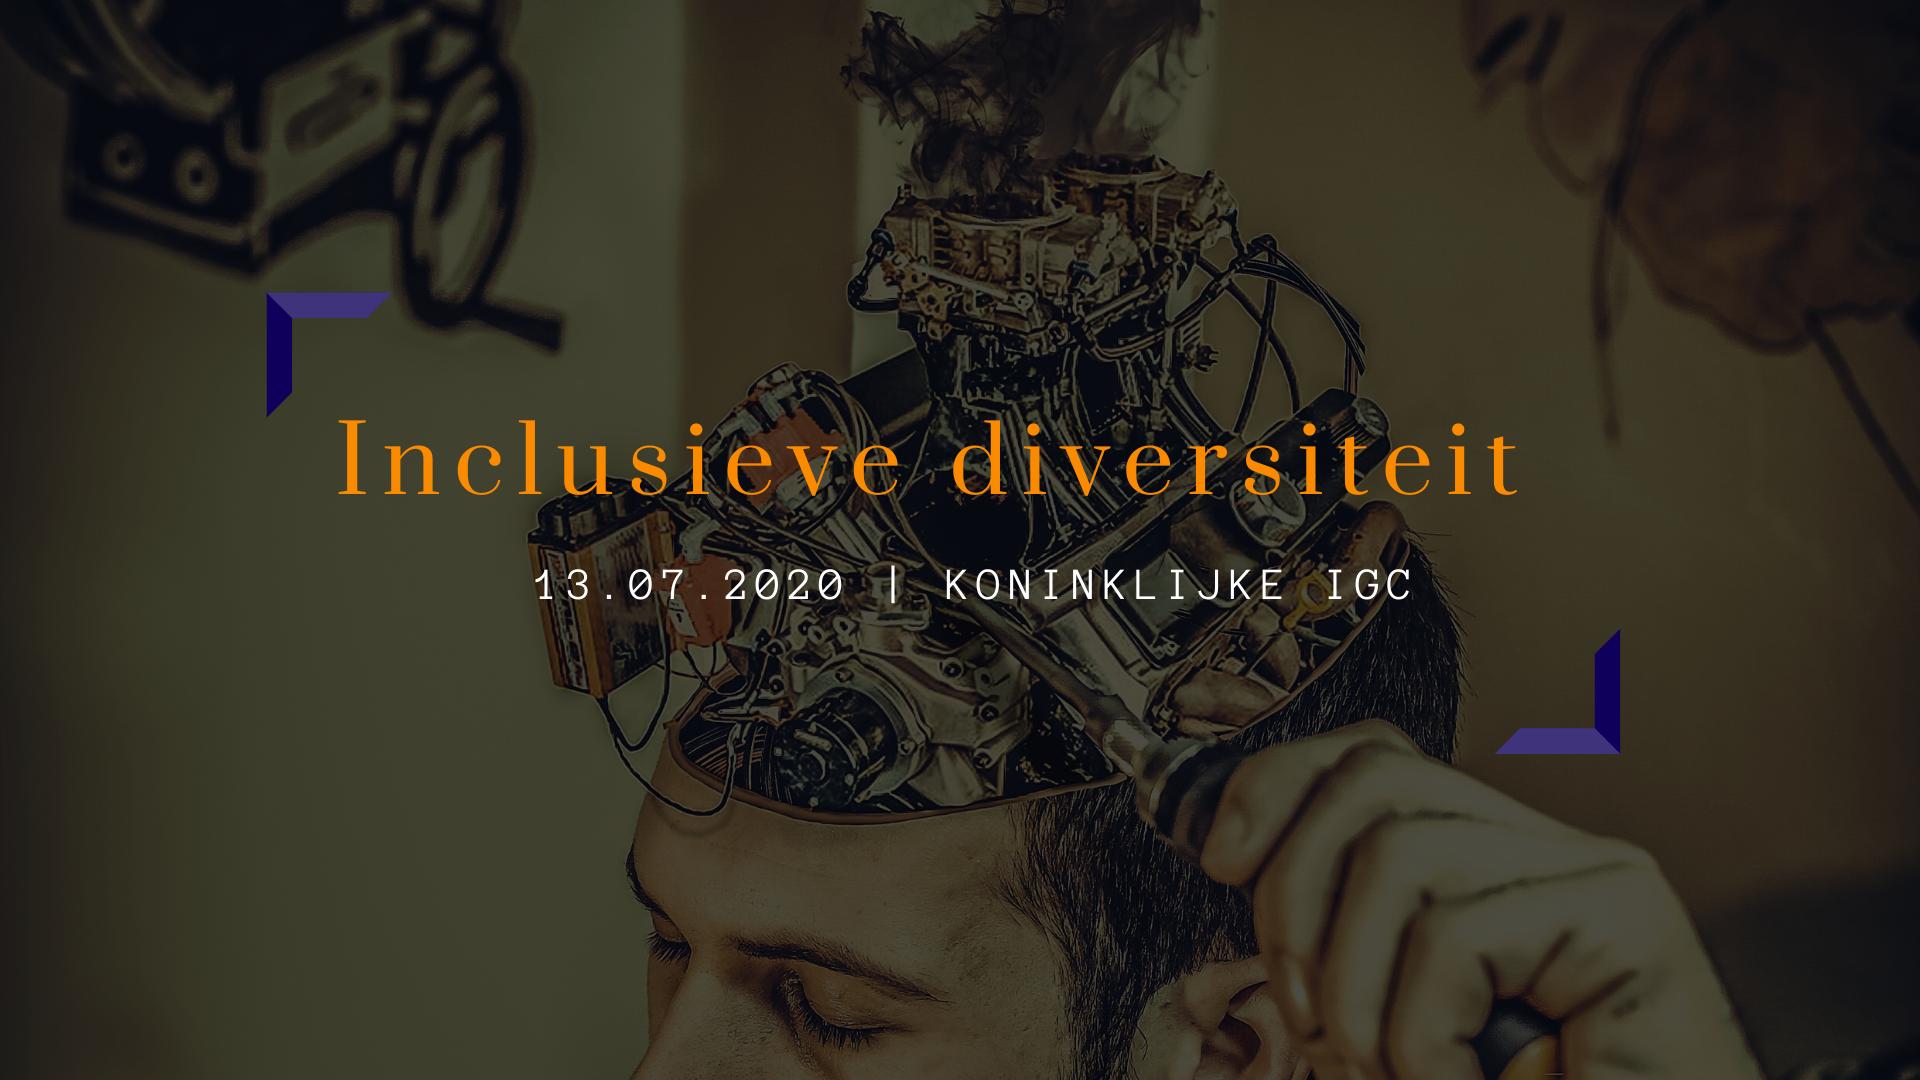 Inclusieve diversiteit: handvatten voor een open blik | Hélène Propsma, partner The Diversity Company